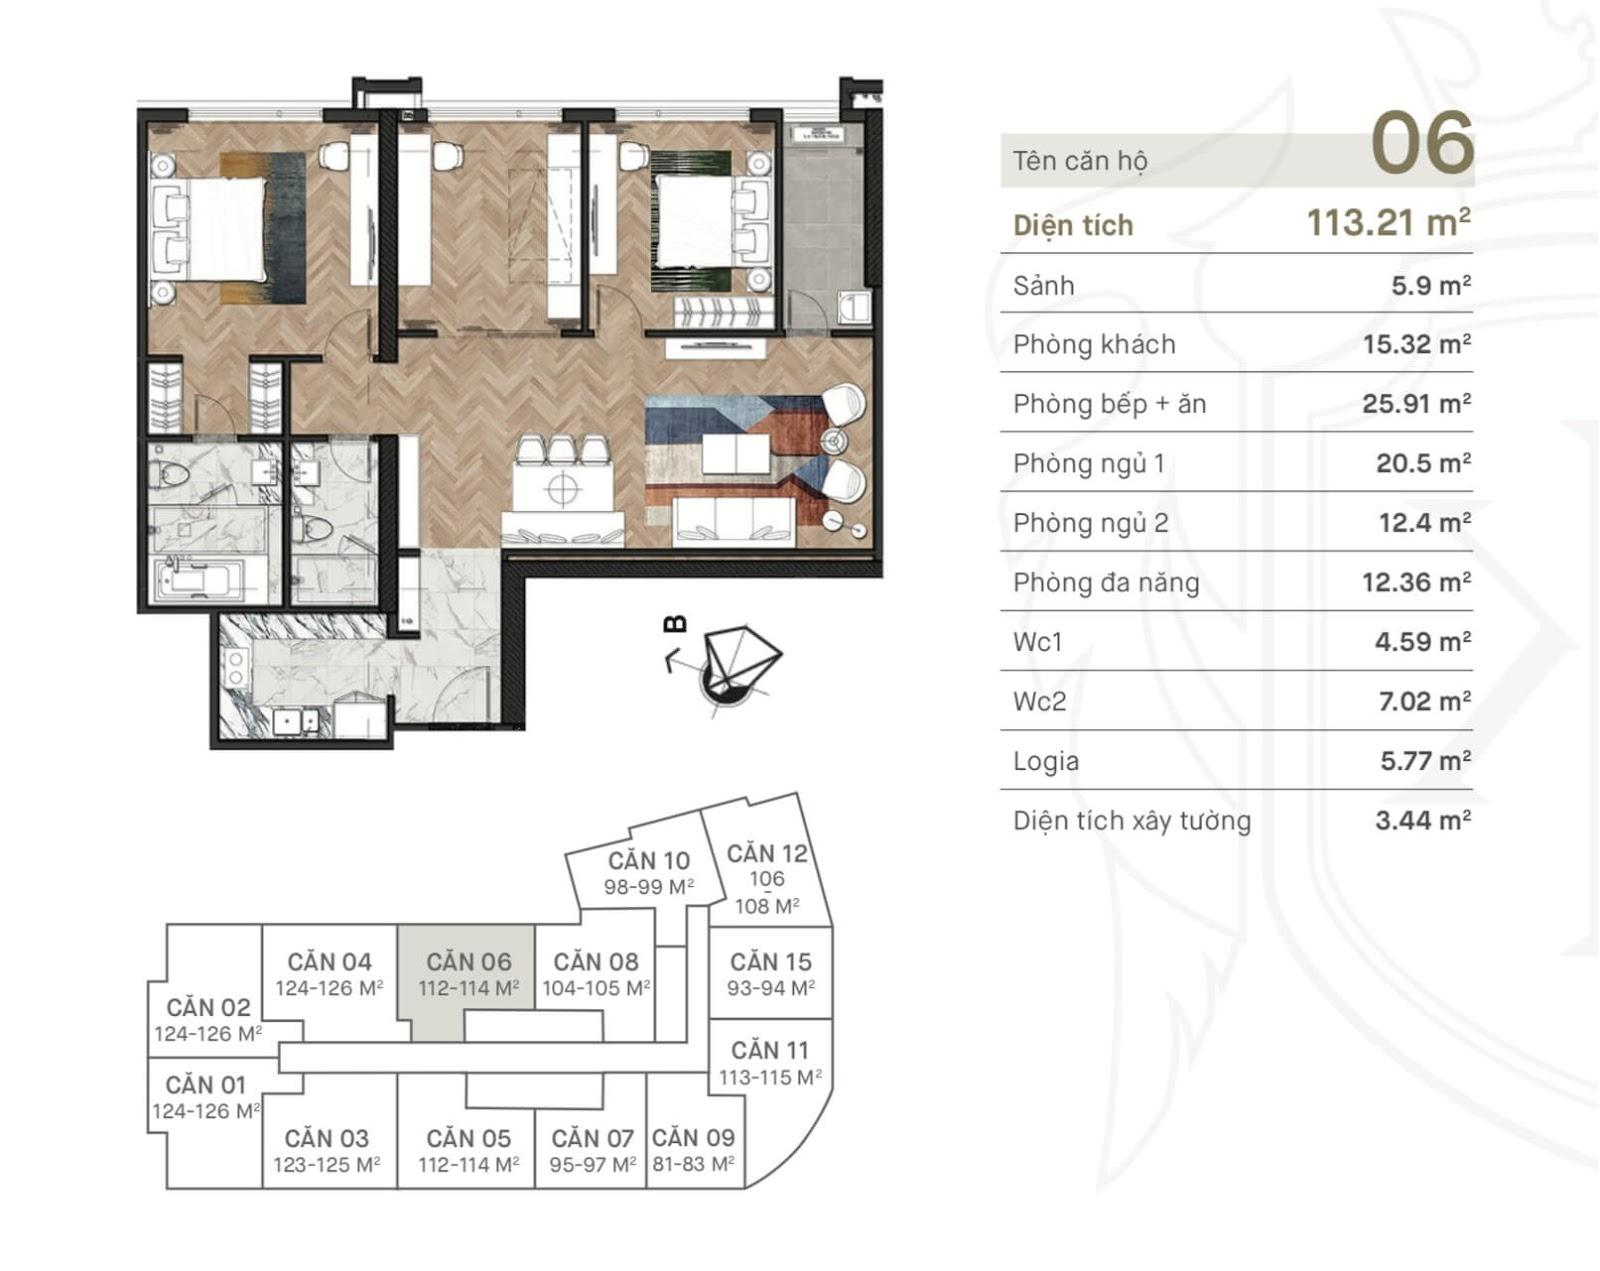 Thiết kế căn hộ 06 King Palace